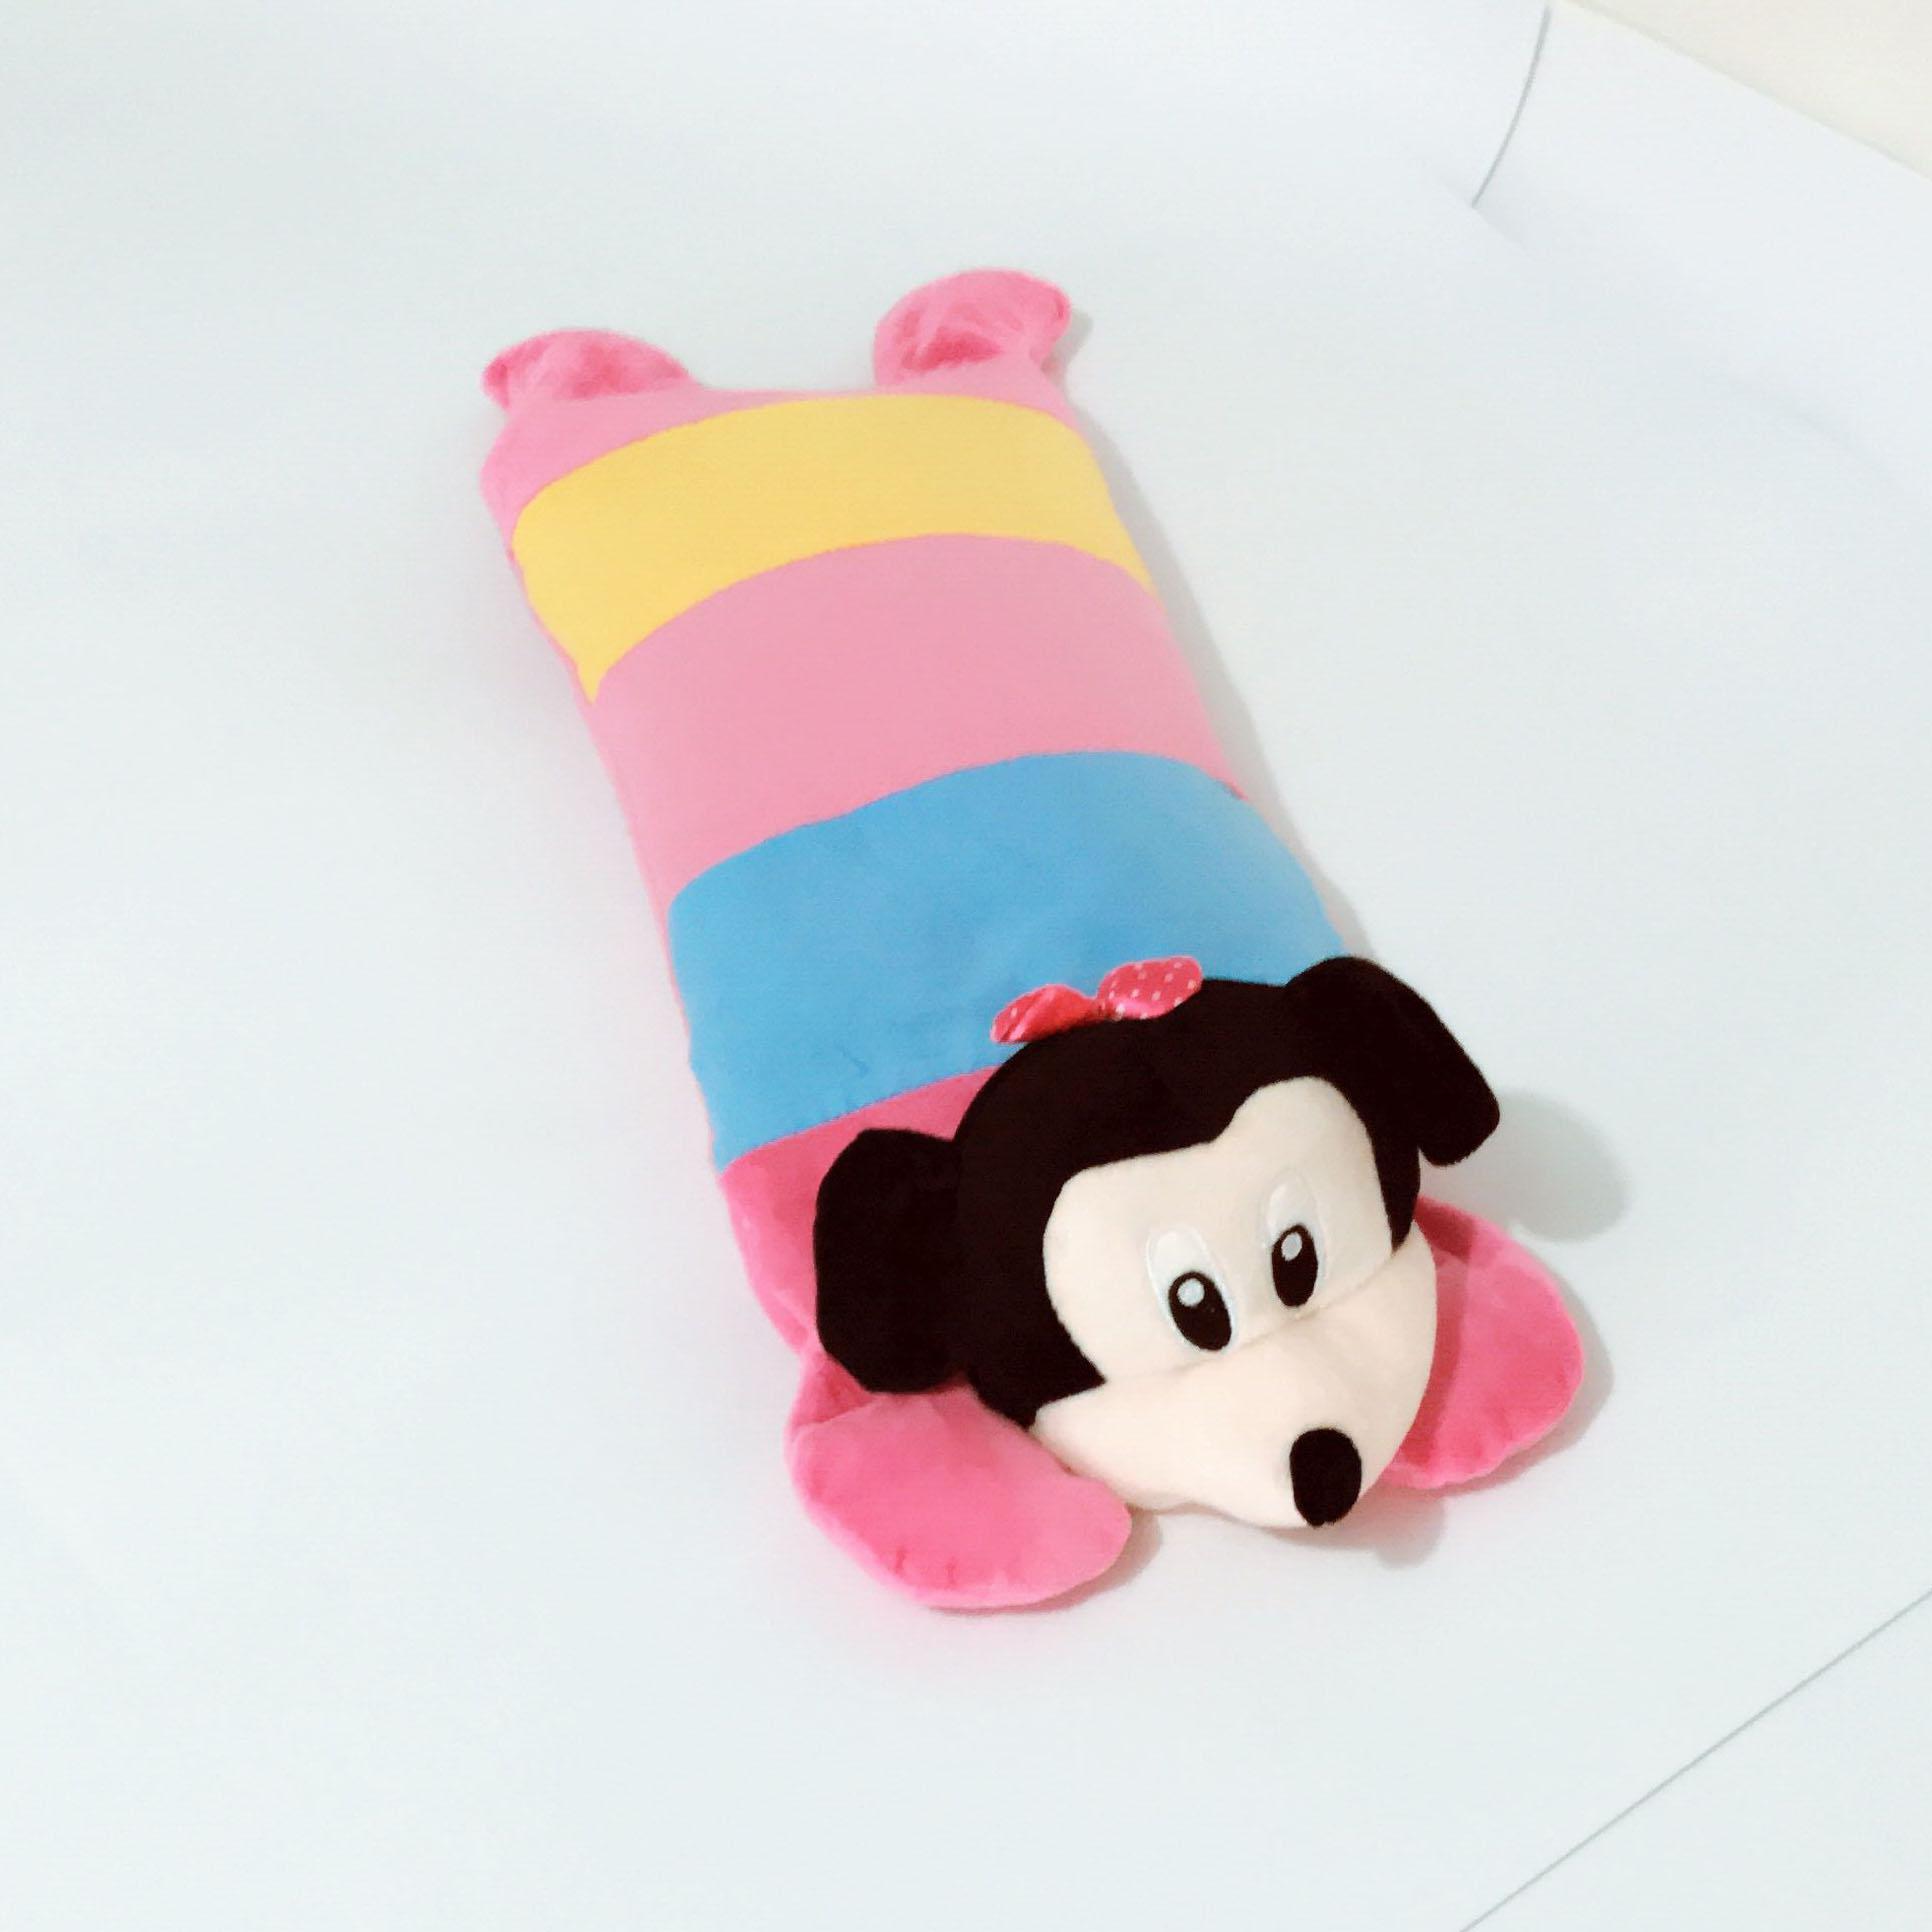 儿童枕头婴儿卡通可爱纯棉枕宝宝幼儿园午睡加长透气0-1-2岁冰丝